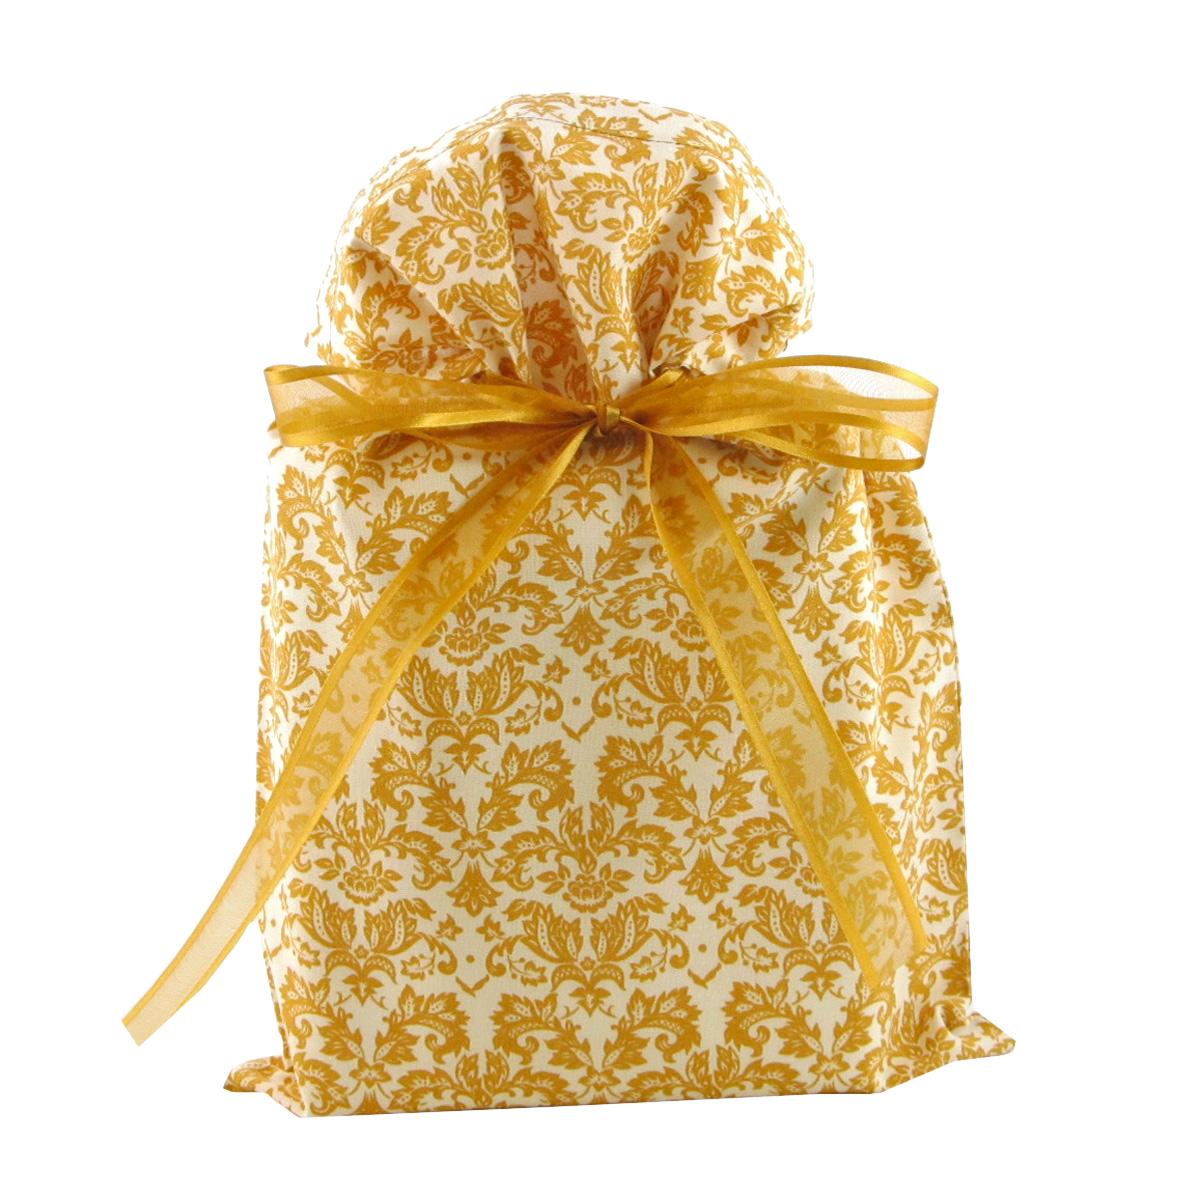 Gold-Damask-Standard-Gift-Bag